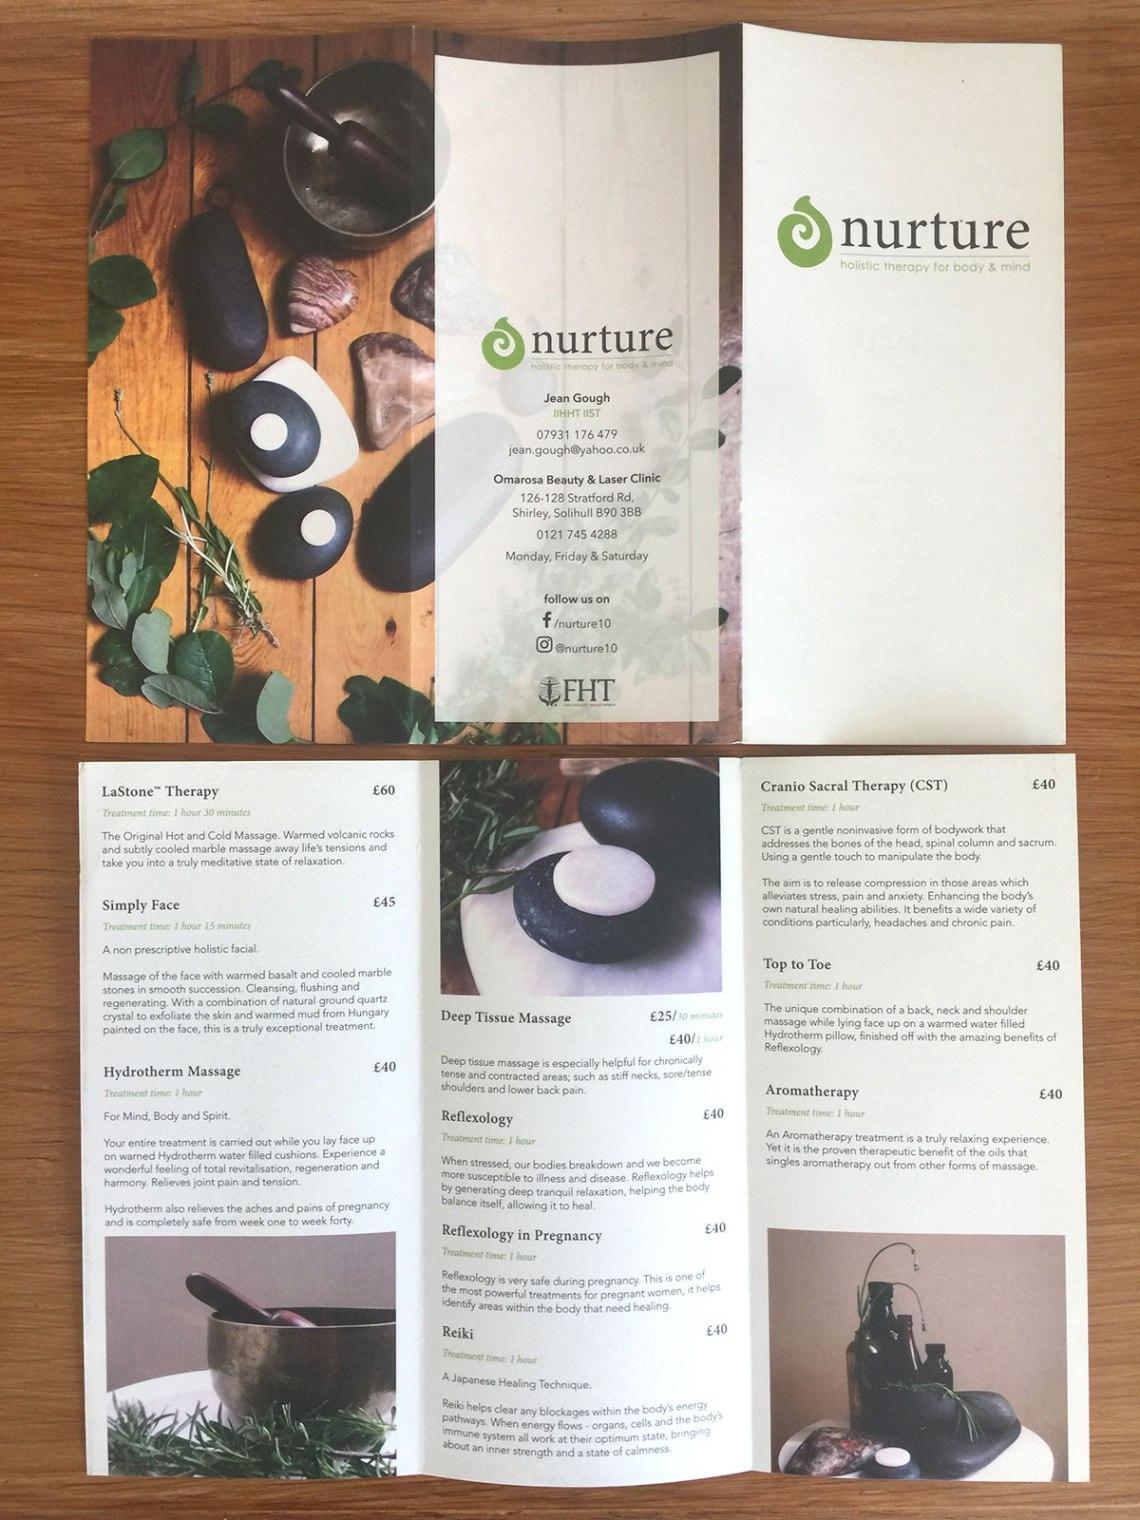 nurture01